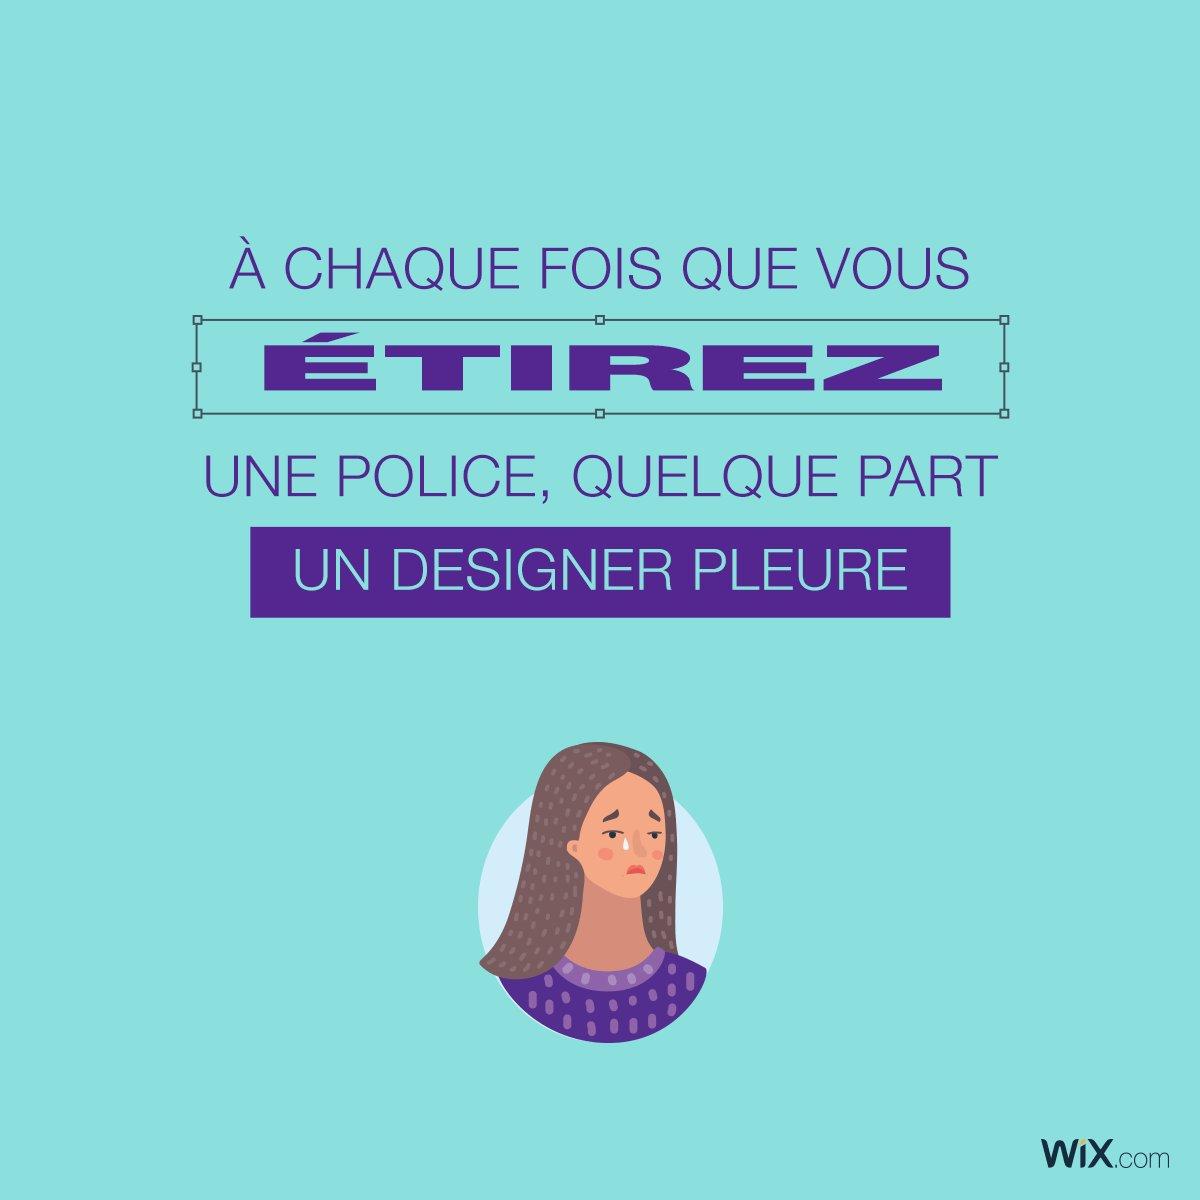 Sauvons les designers, ne touchons pas aux polices de caractères !  #WebDesign #Typographie